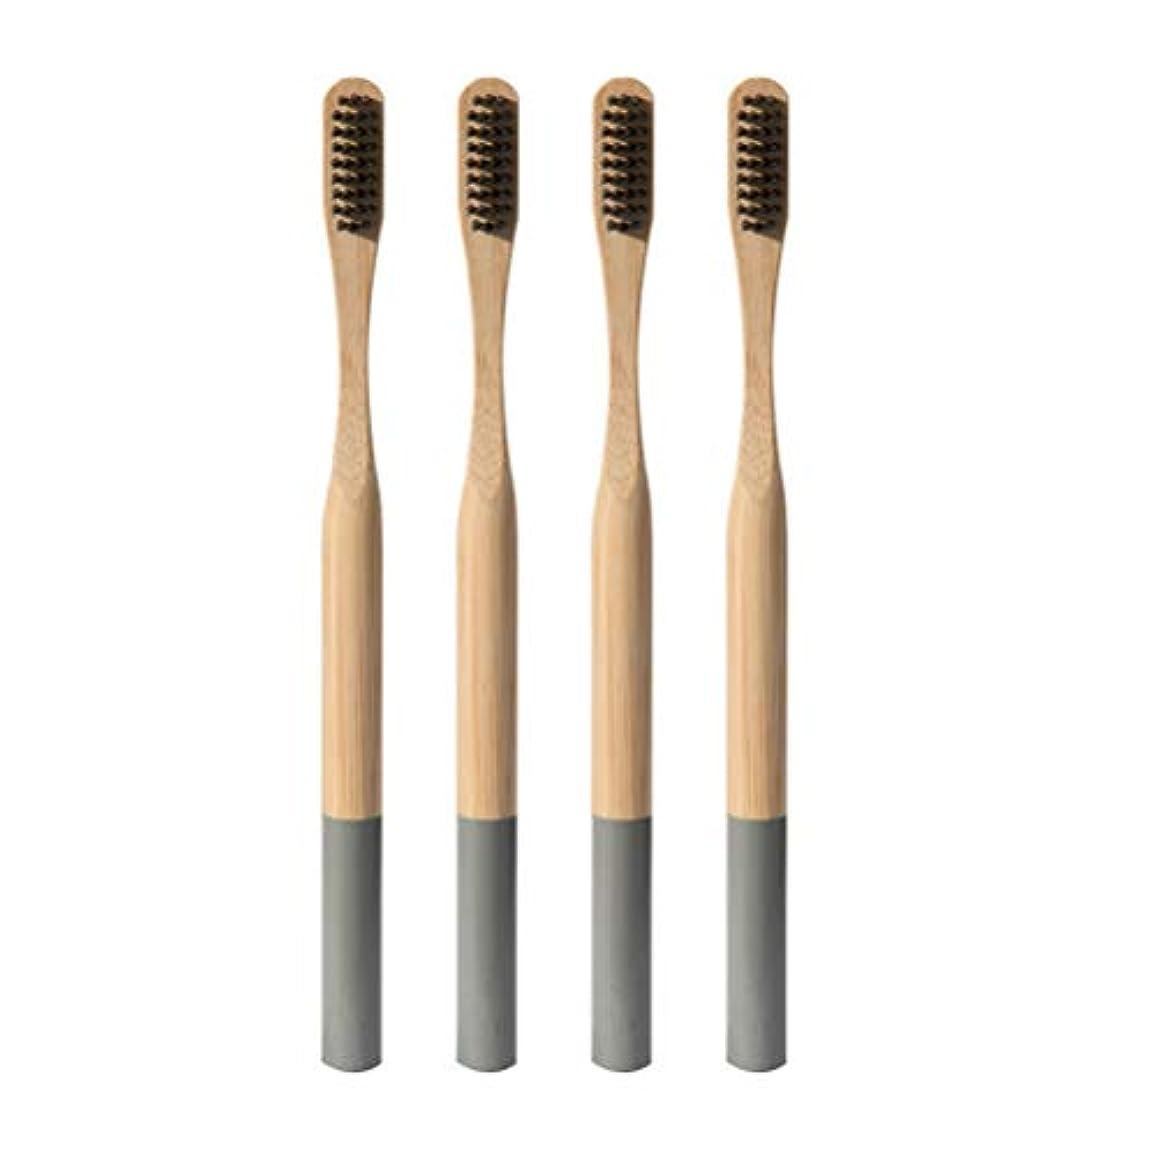 赤貢献する必需品Heallily 竹歯ブラシ4ピースソフトブリッスル歯ブラシ生分解性、環境に優しいソフト歯ブラシ、大人用の細い毛を備えた抗菌歯ブラシ(グレー)